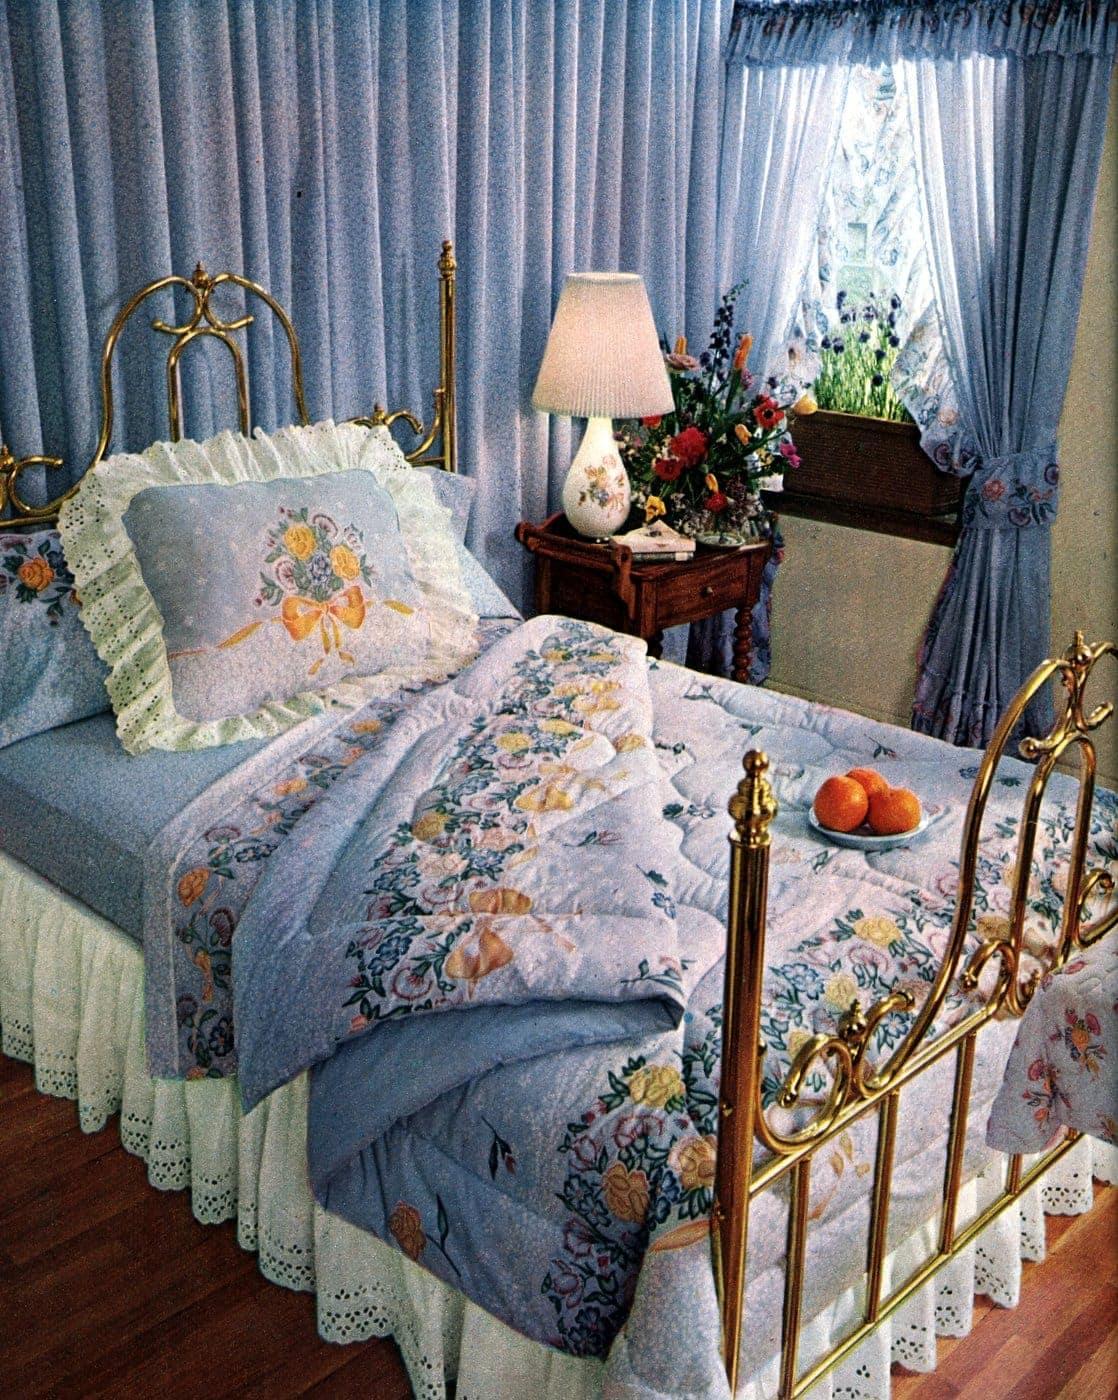 VIntage floral bedding set from 1979